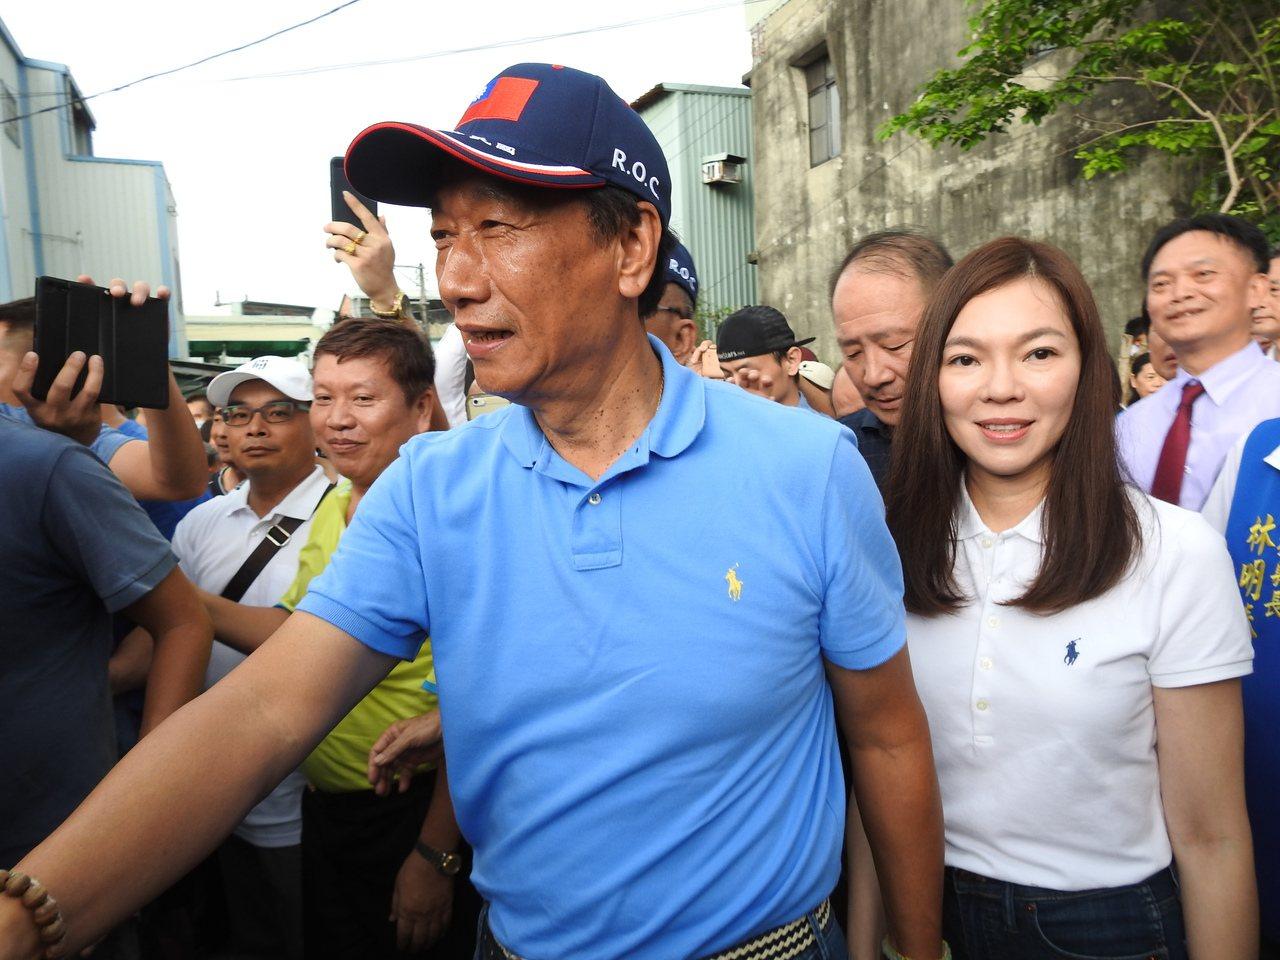 海創辦人郭台銘傳出已與台北市長柯文哲會面,並決定將以無黨籍參選總統,郭台銘辦公室...